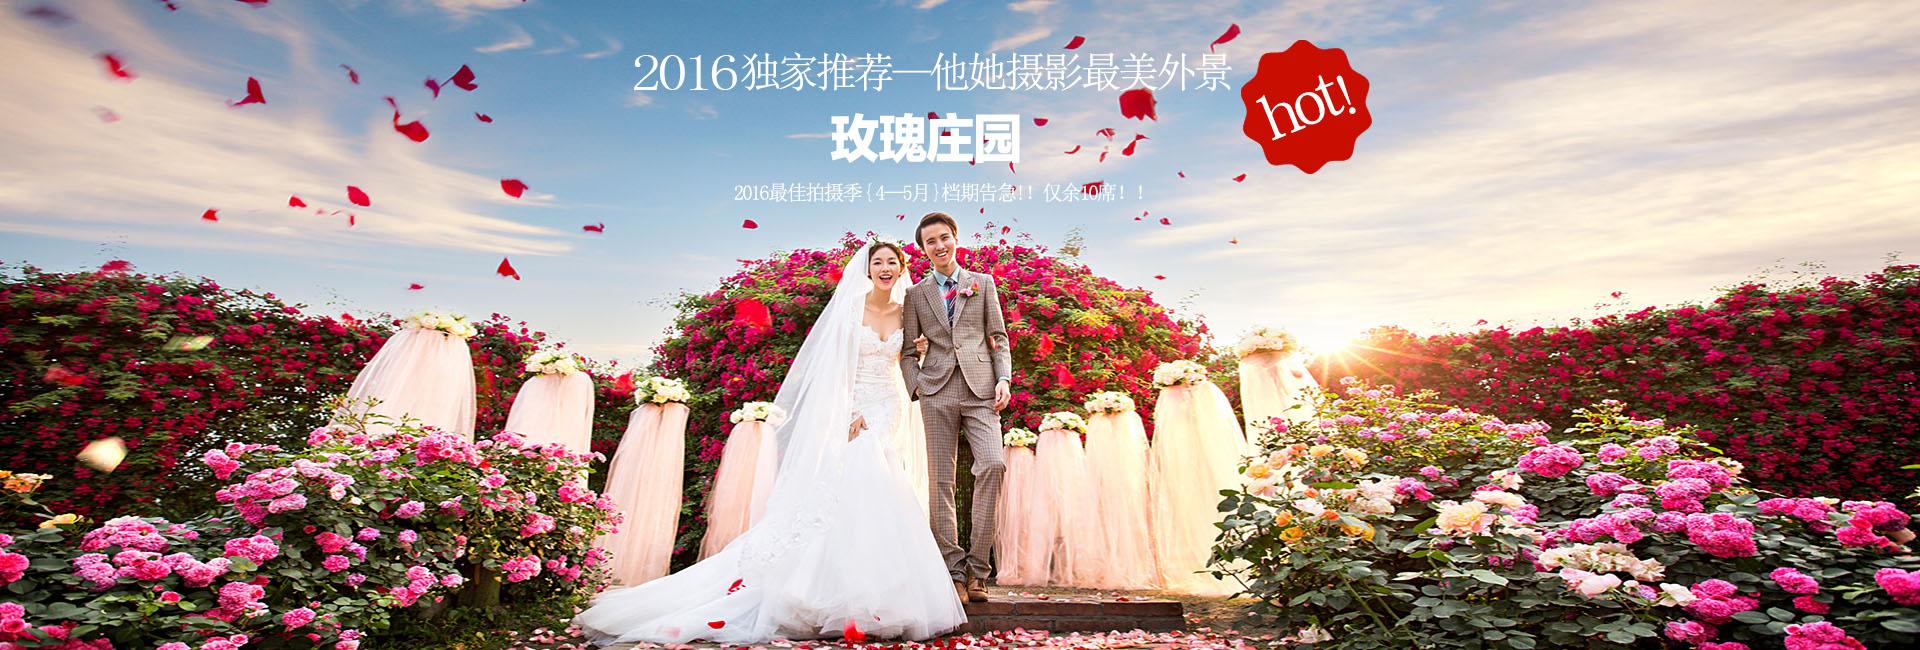 春季最热门婚纱摄影基地-成都玫瑰园